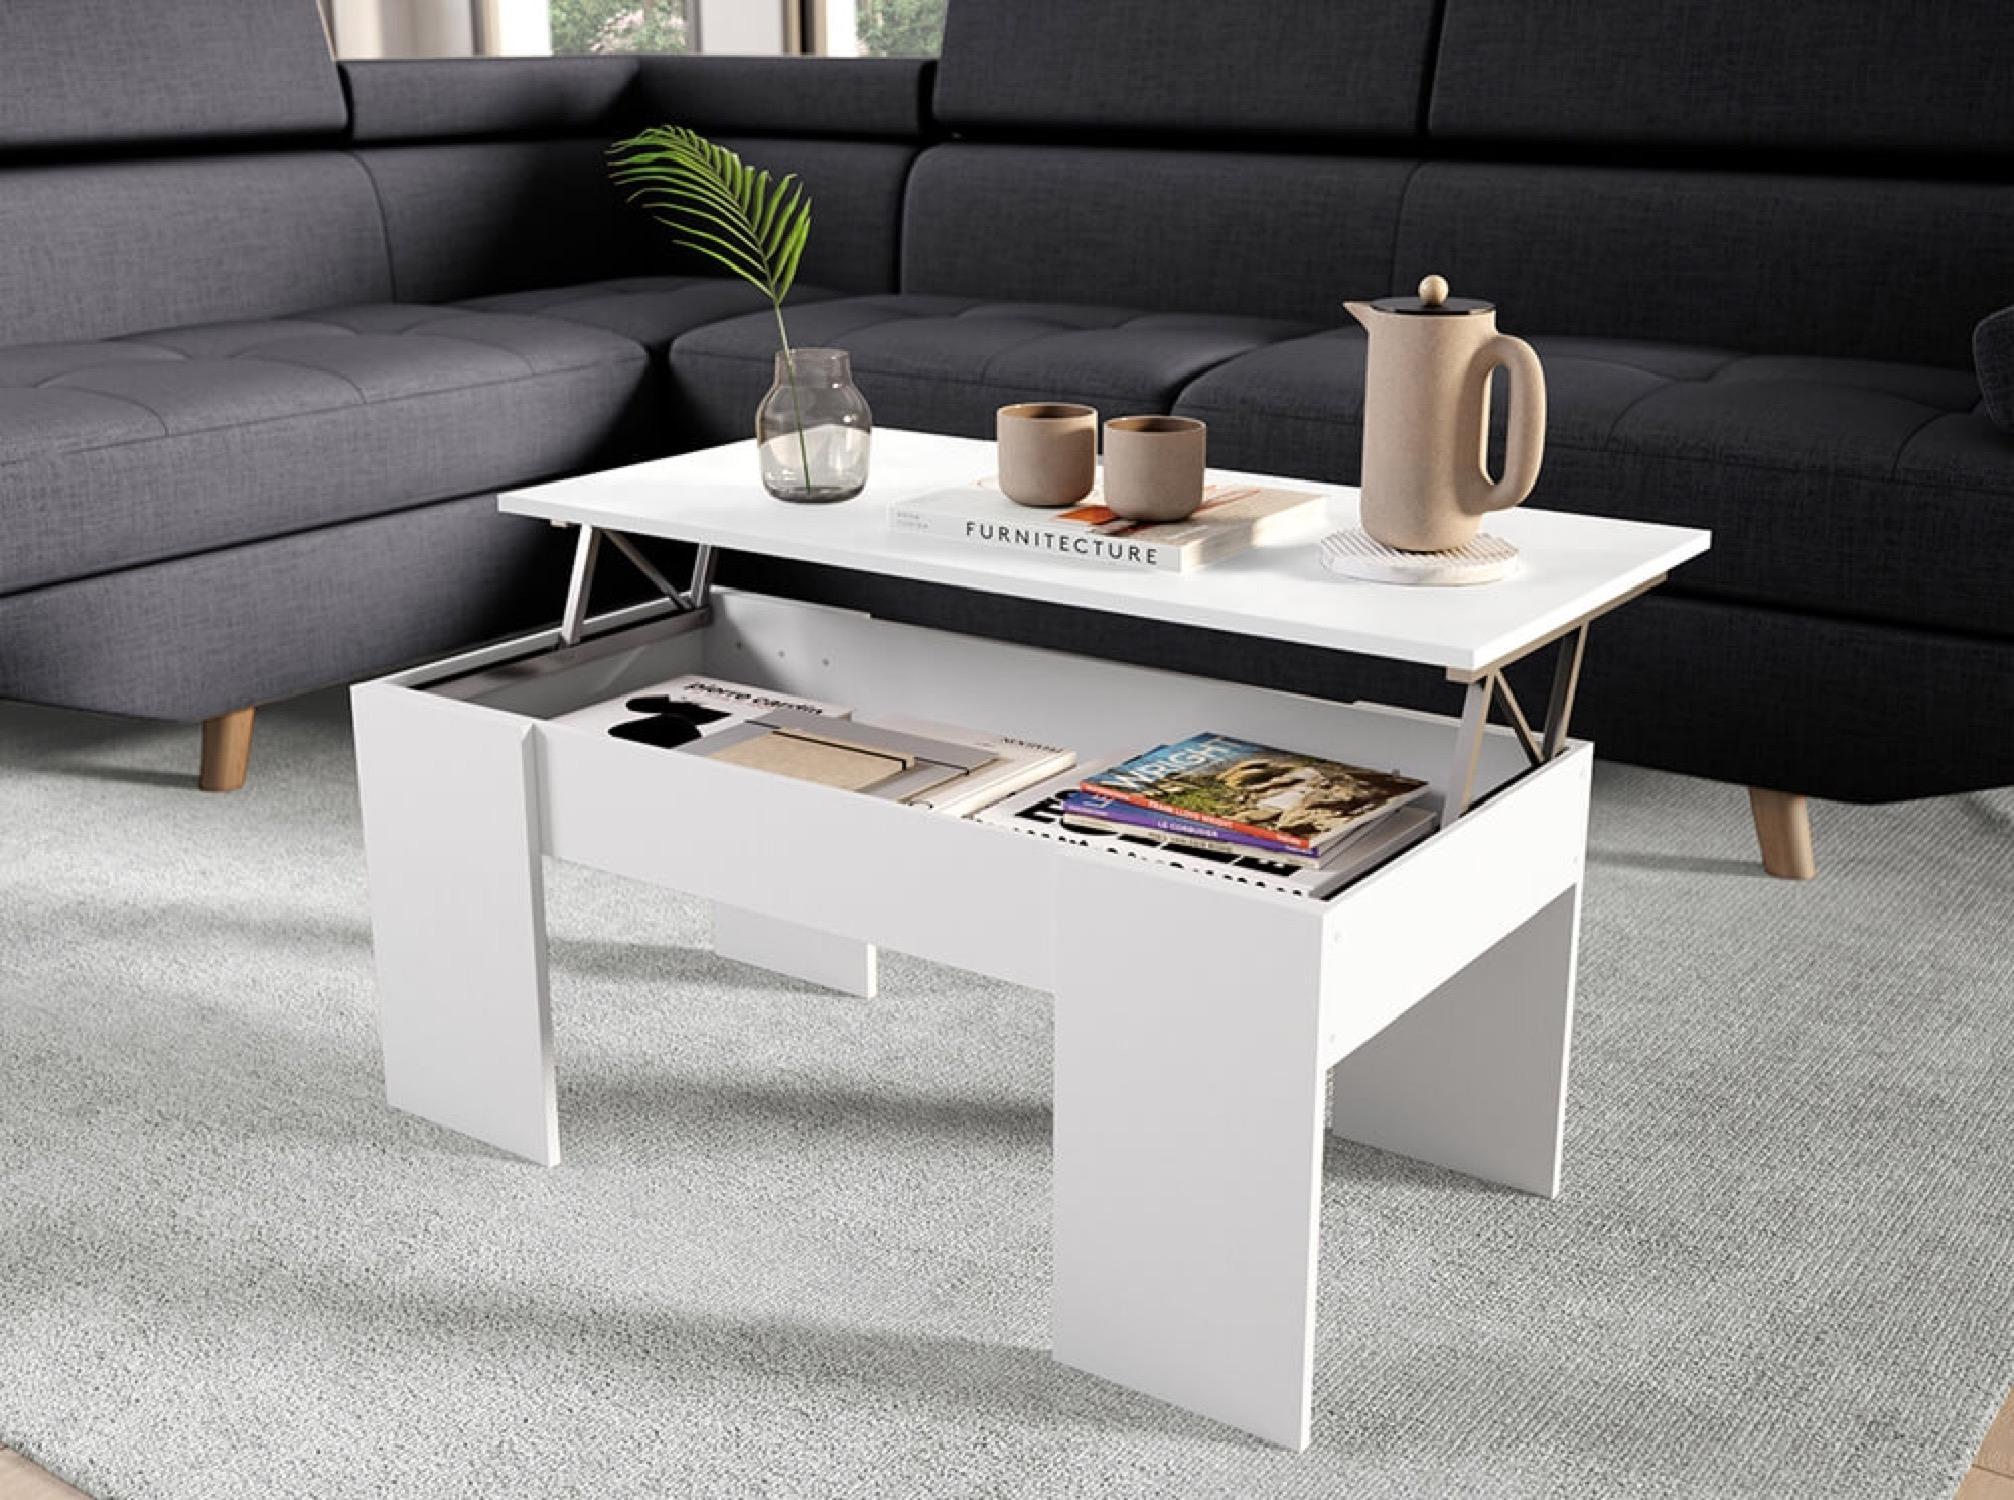 Table basse blanche avec plateau relevable et rangement